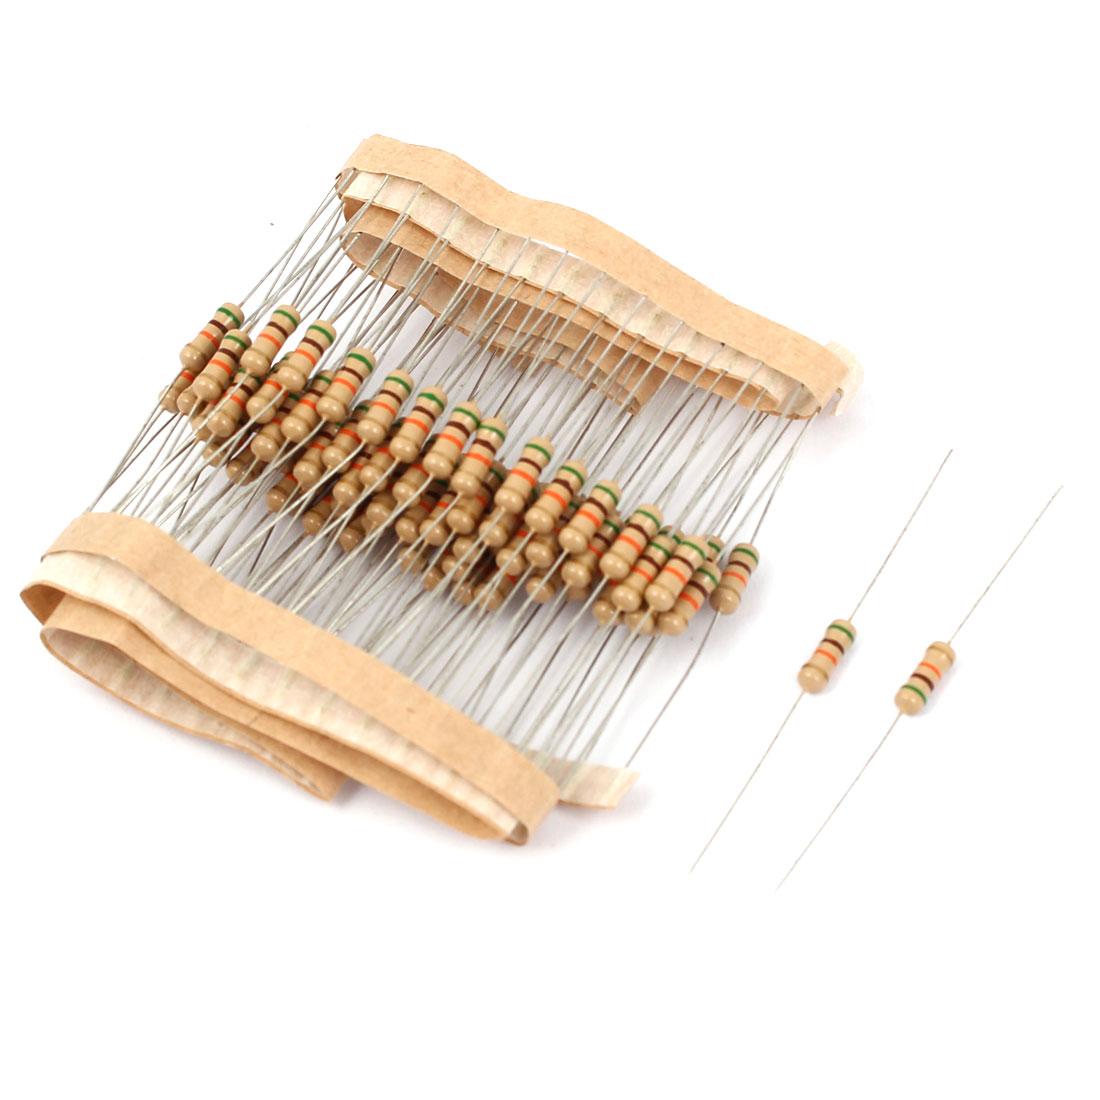 1/2W 51K Ohm 5% Tolerance Axial Lead Type Carbon Film Resistors 80 Pcs